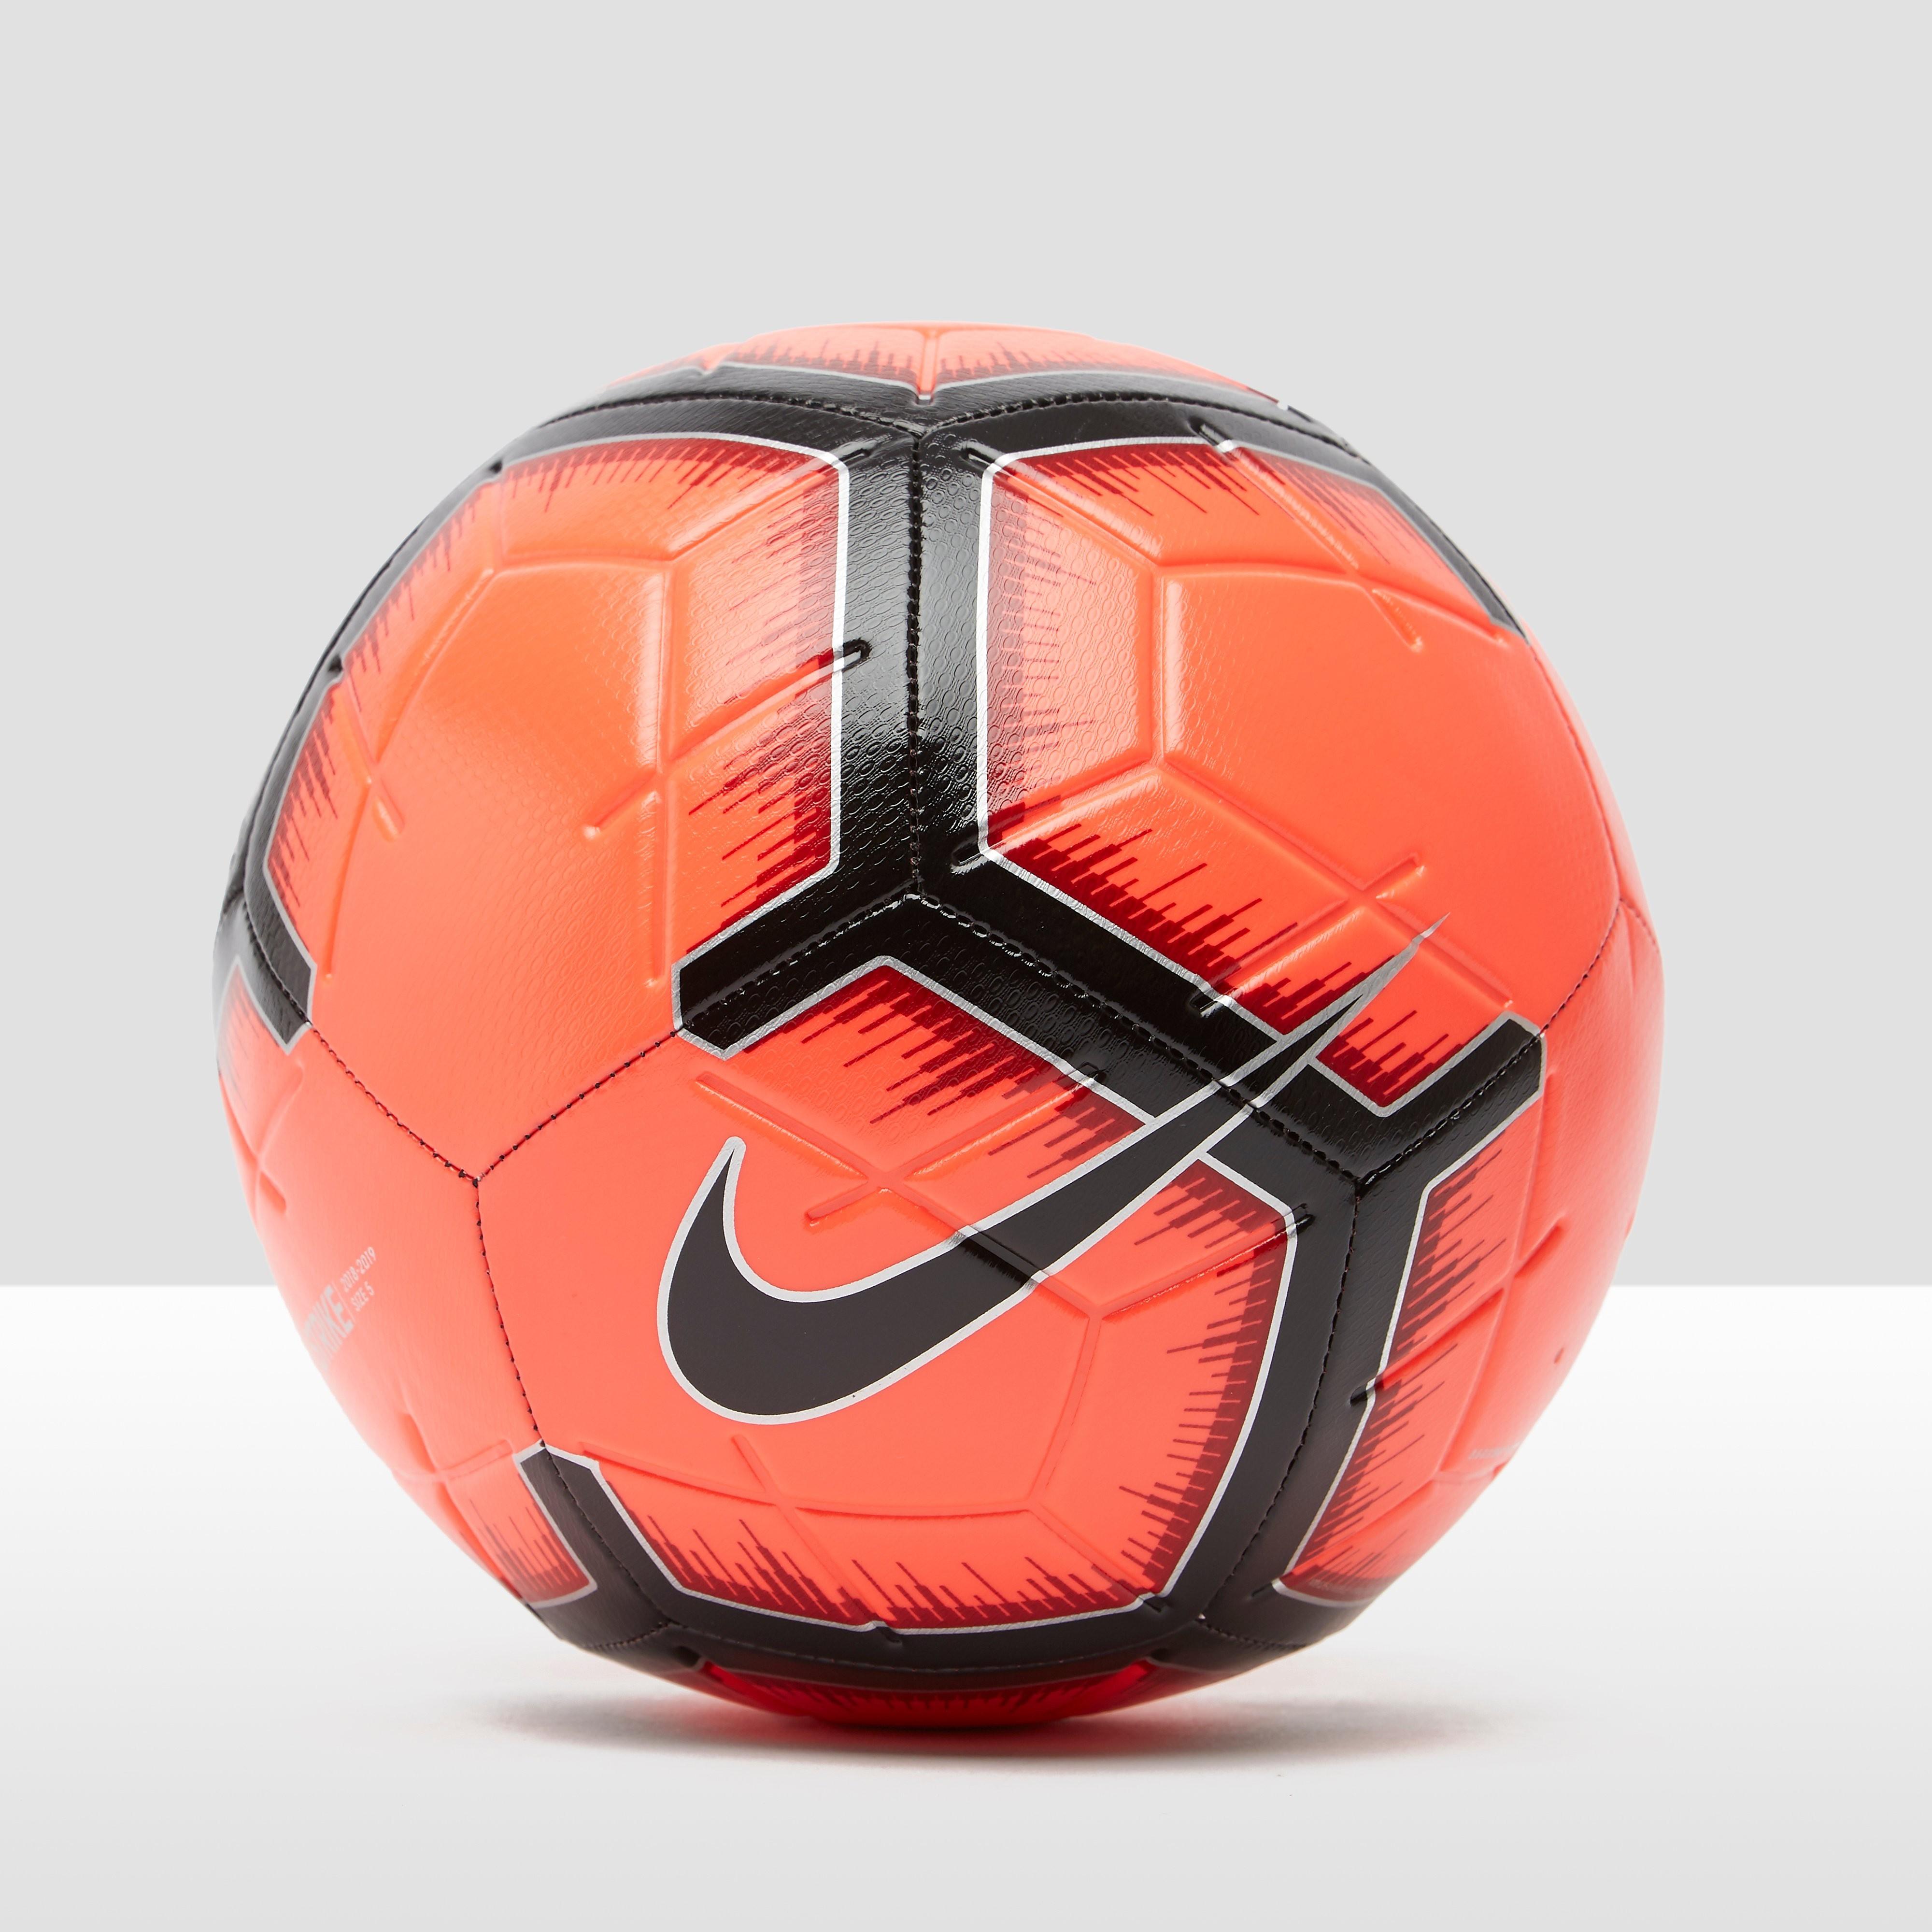 bfeac5ffee1 Aanbieding: Nike Strike Rpl Voetbal Wit | Nike met korting